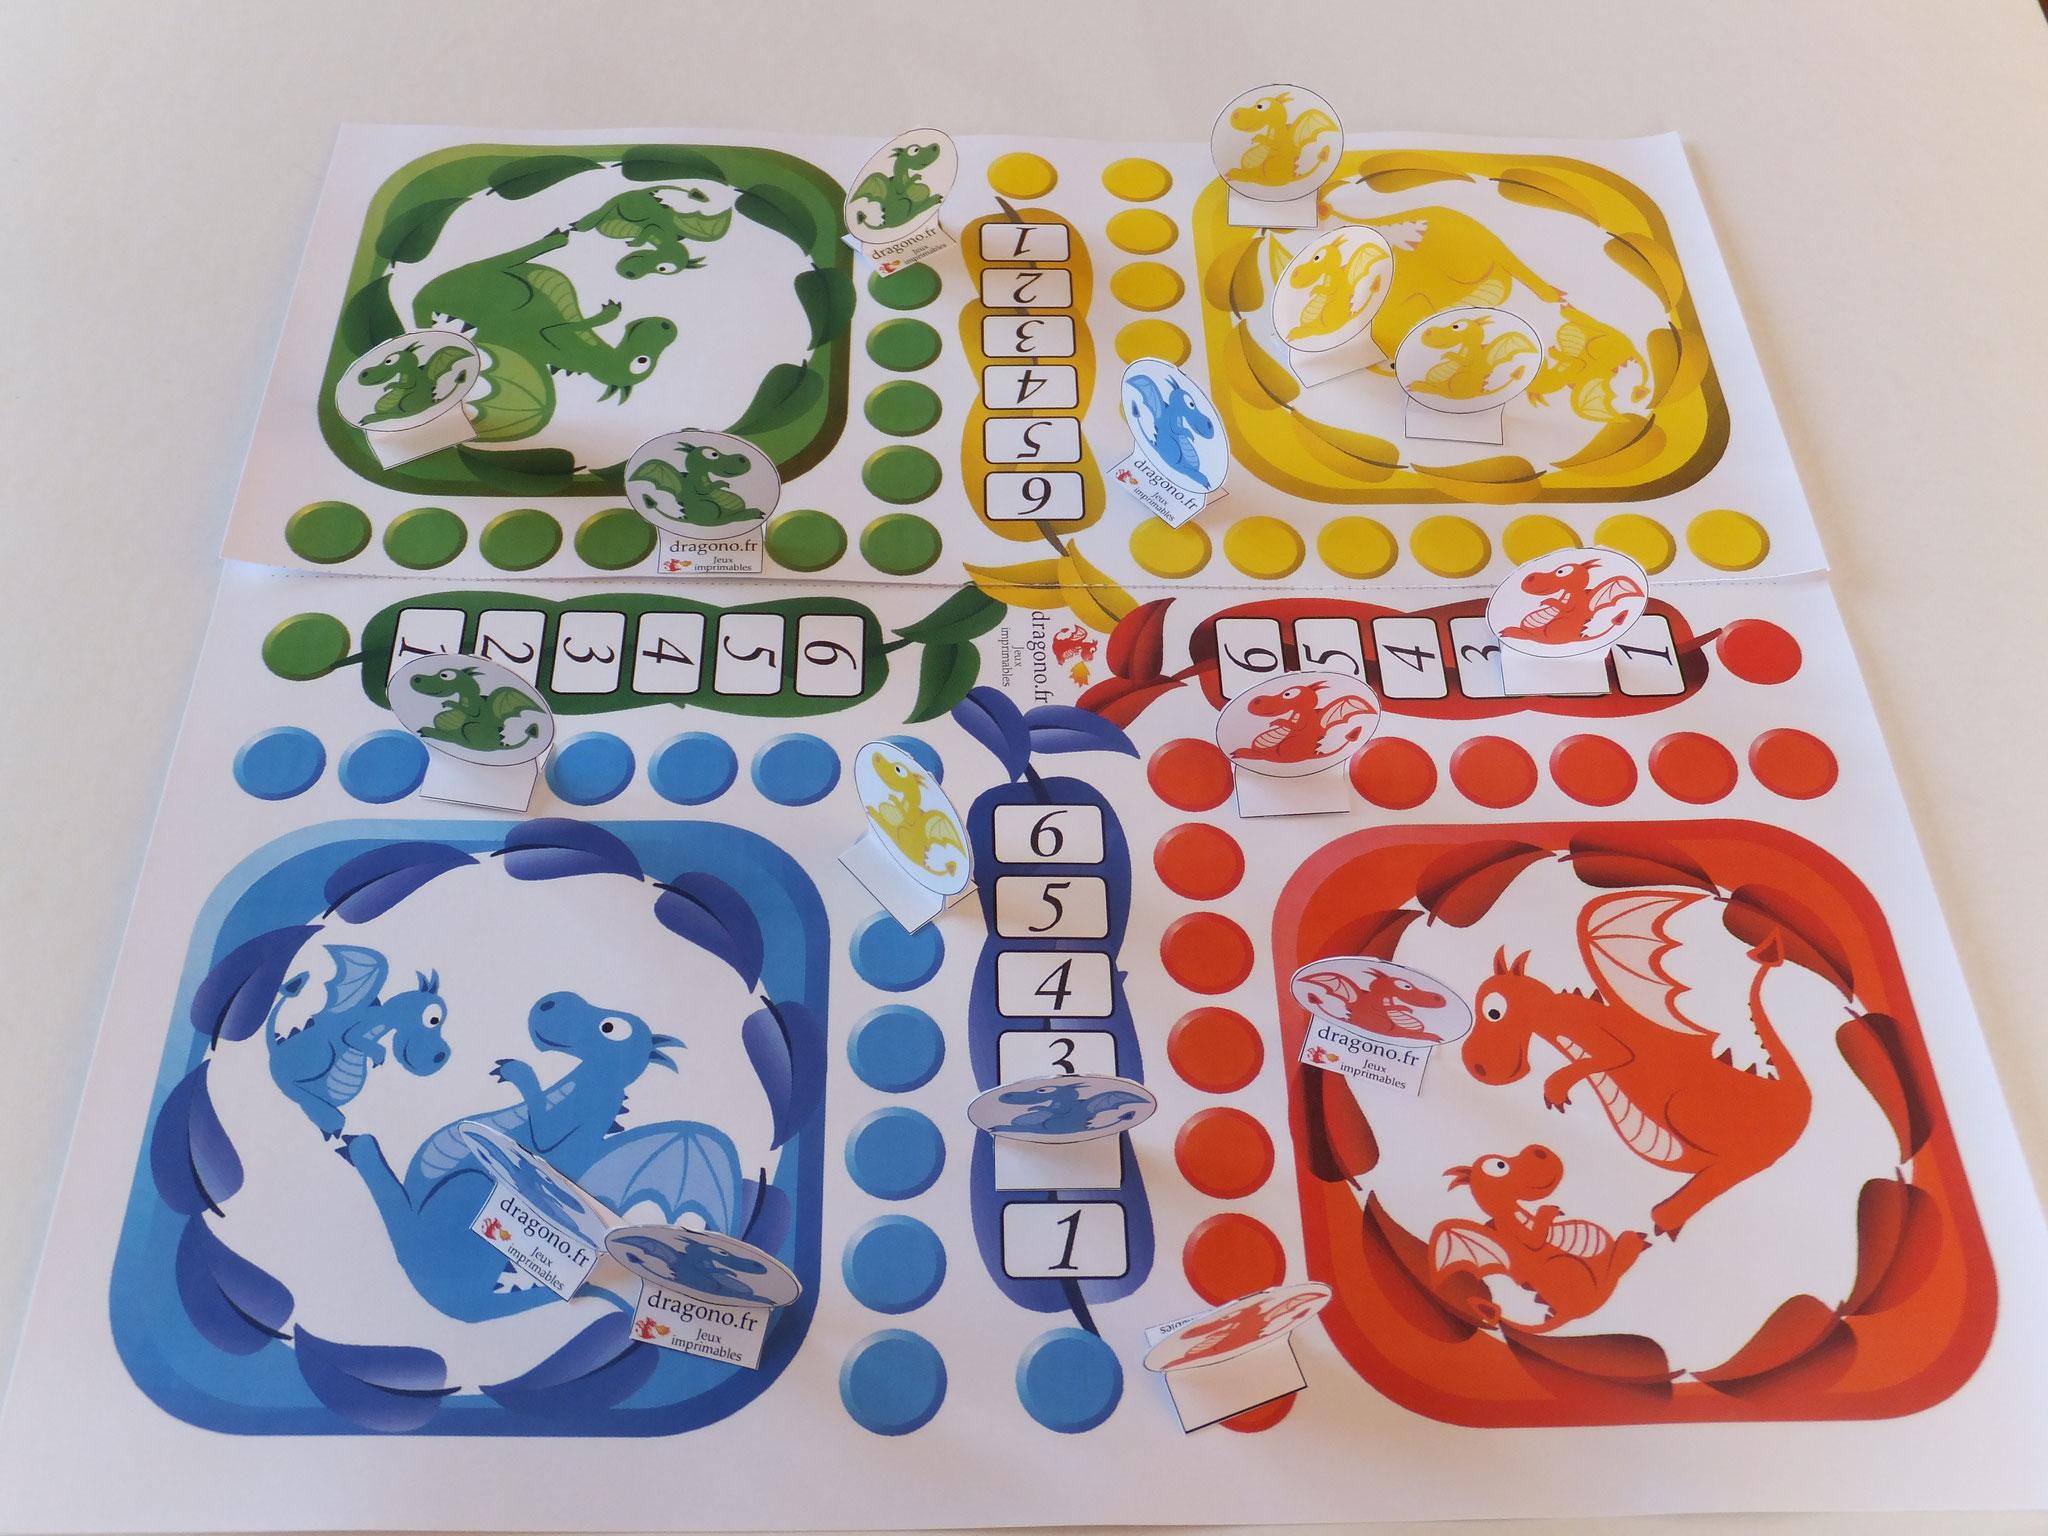 Jeux A Imprimer Pour Enfants, Famille, Ludiques, Éducatifs destiné Jeux Educatif 5 Ans Gratuit